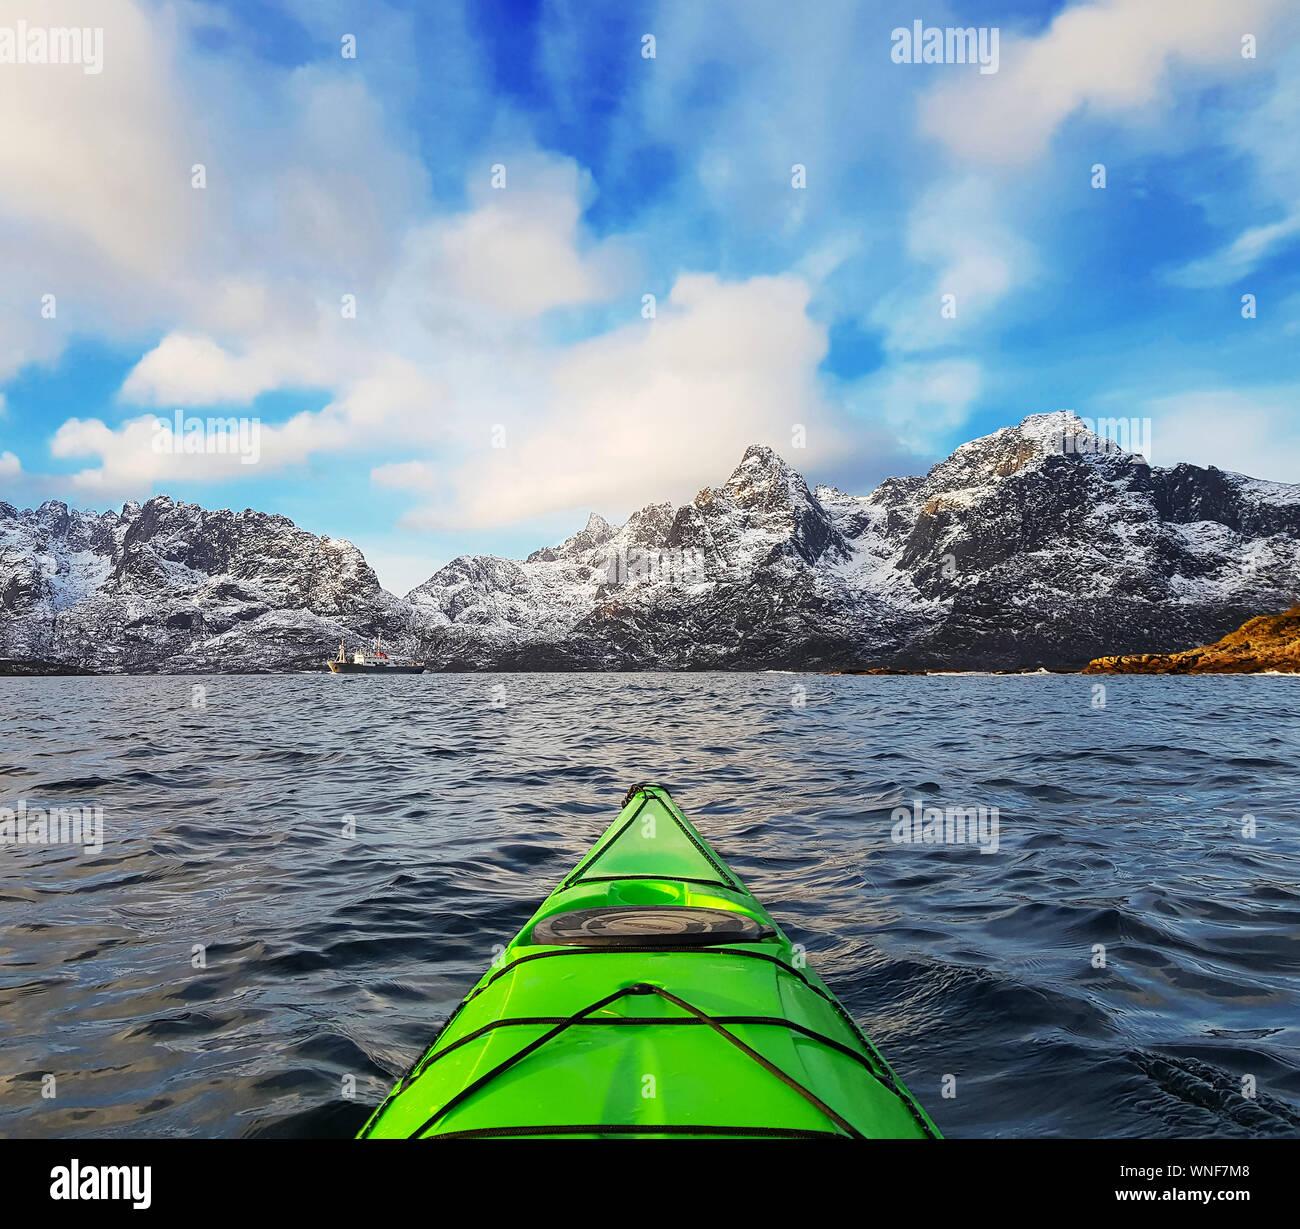 Kayak en bahía verde pequeño fiordo en las Islas Lofoten rodeado de montañas nevadas y cielo azul. Noruega Foto de stock